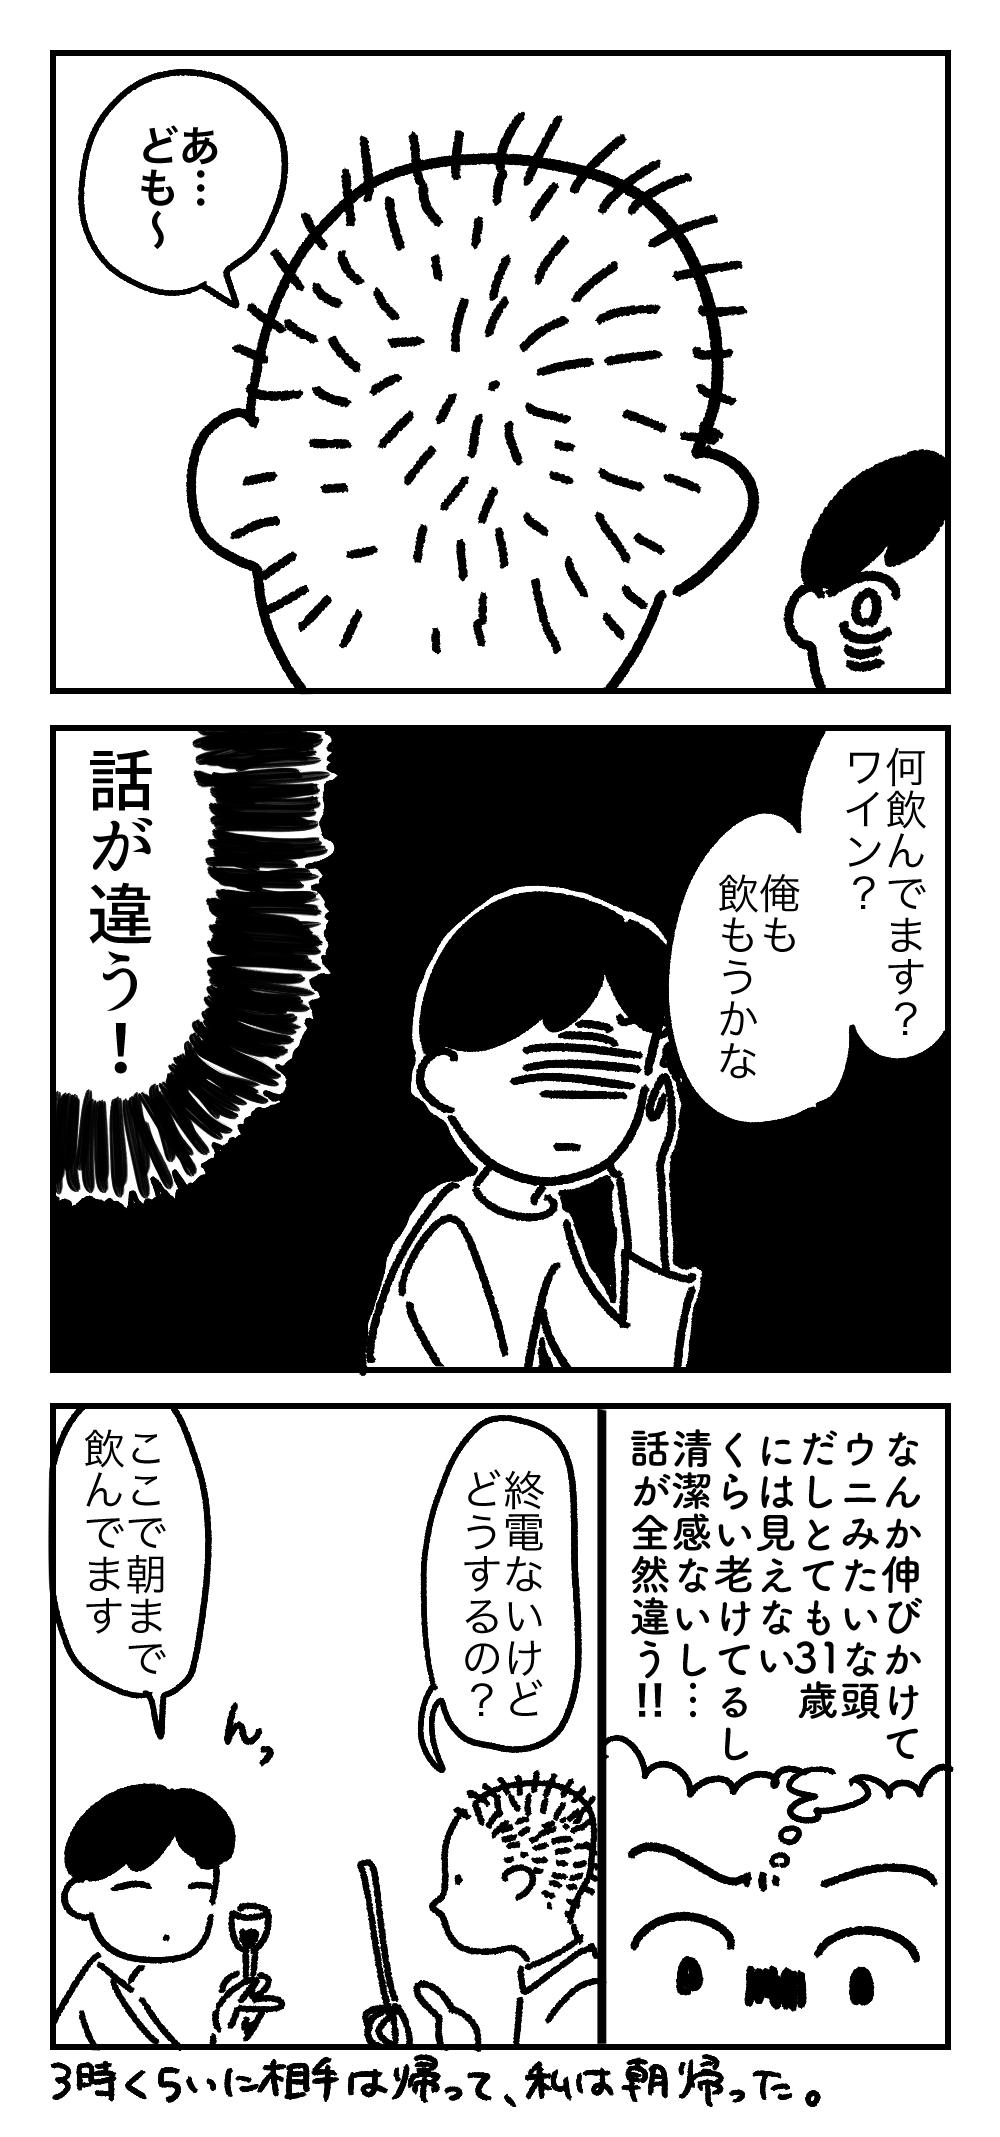 マンガ2ページ目